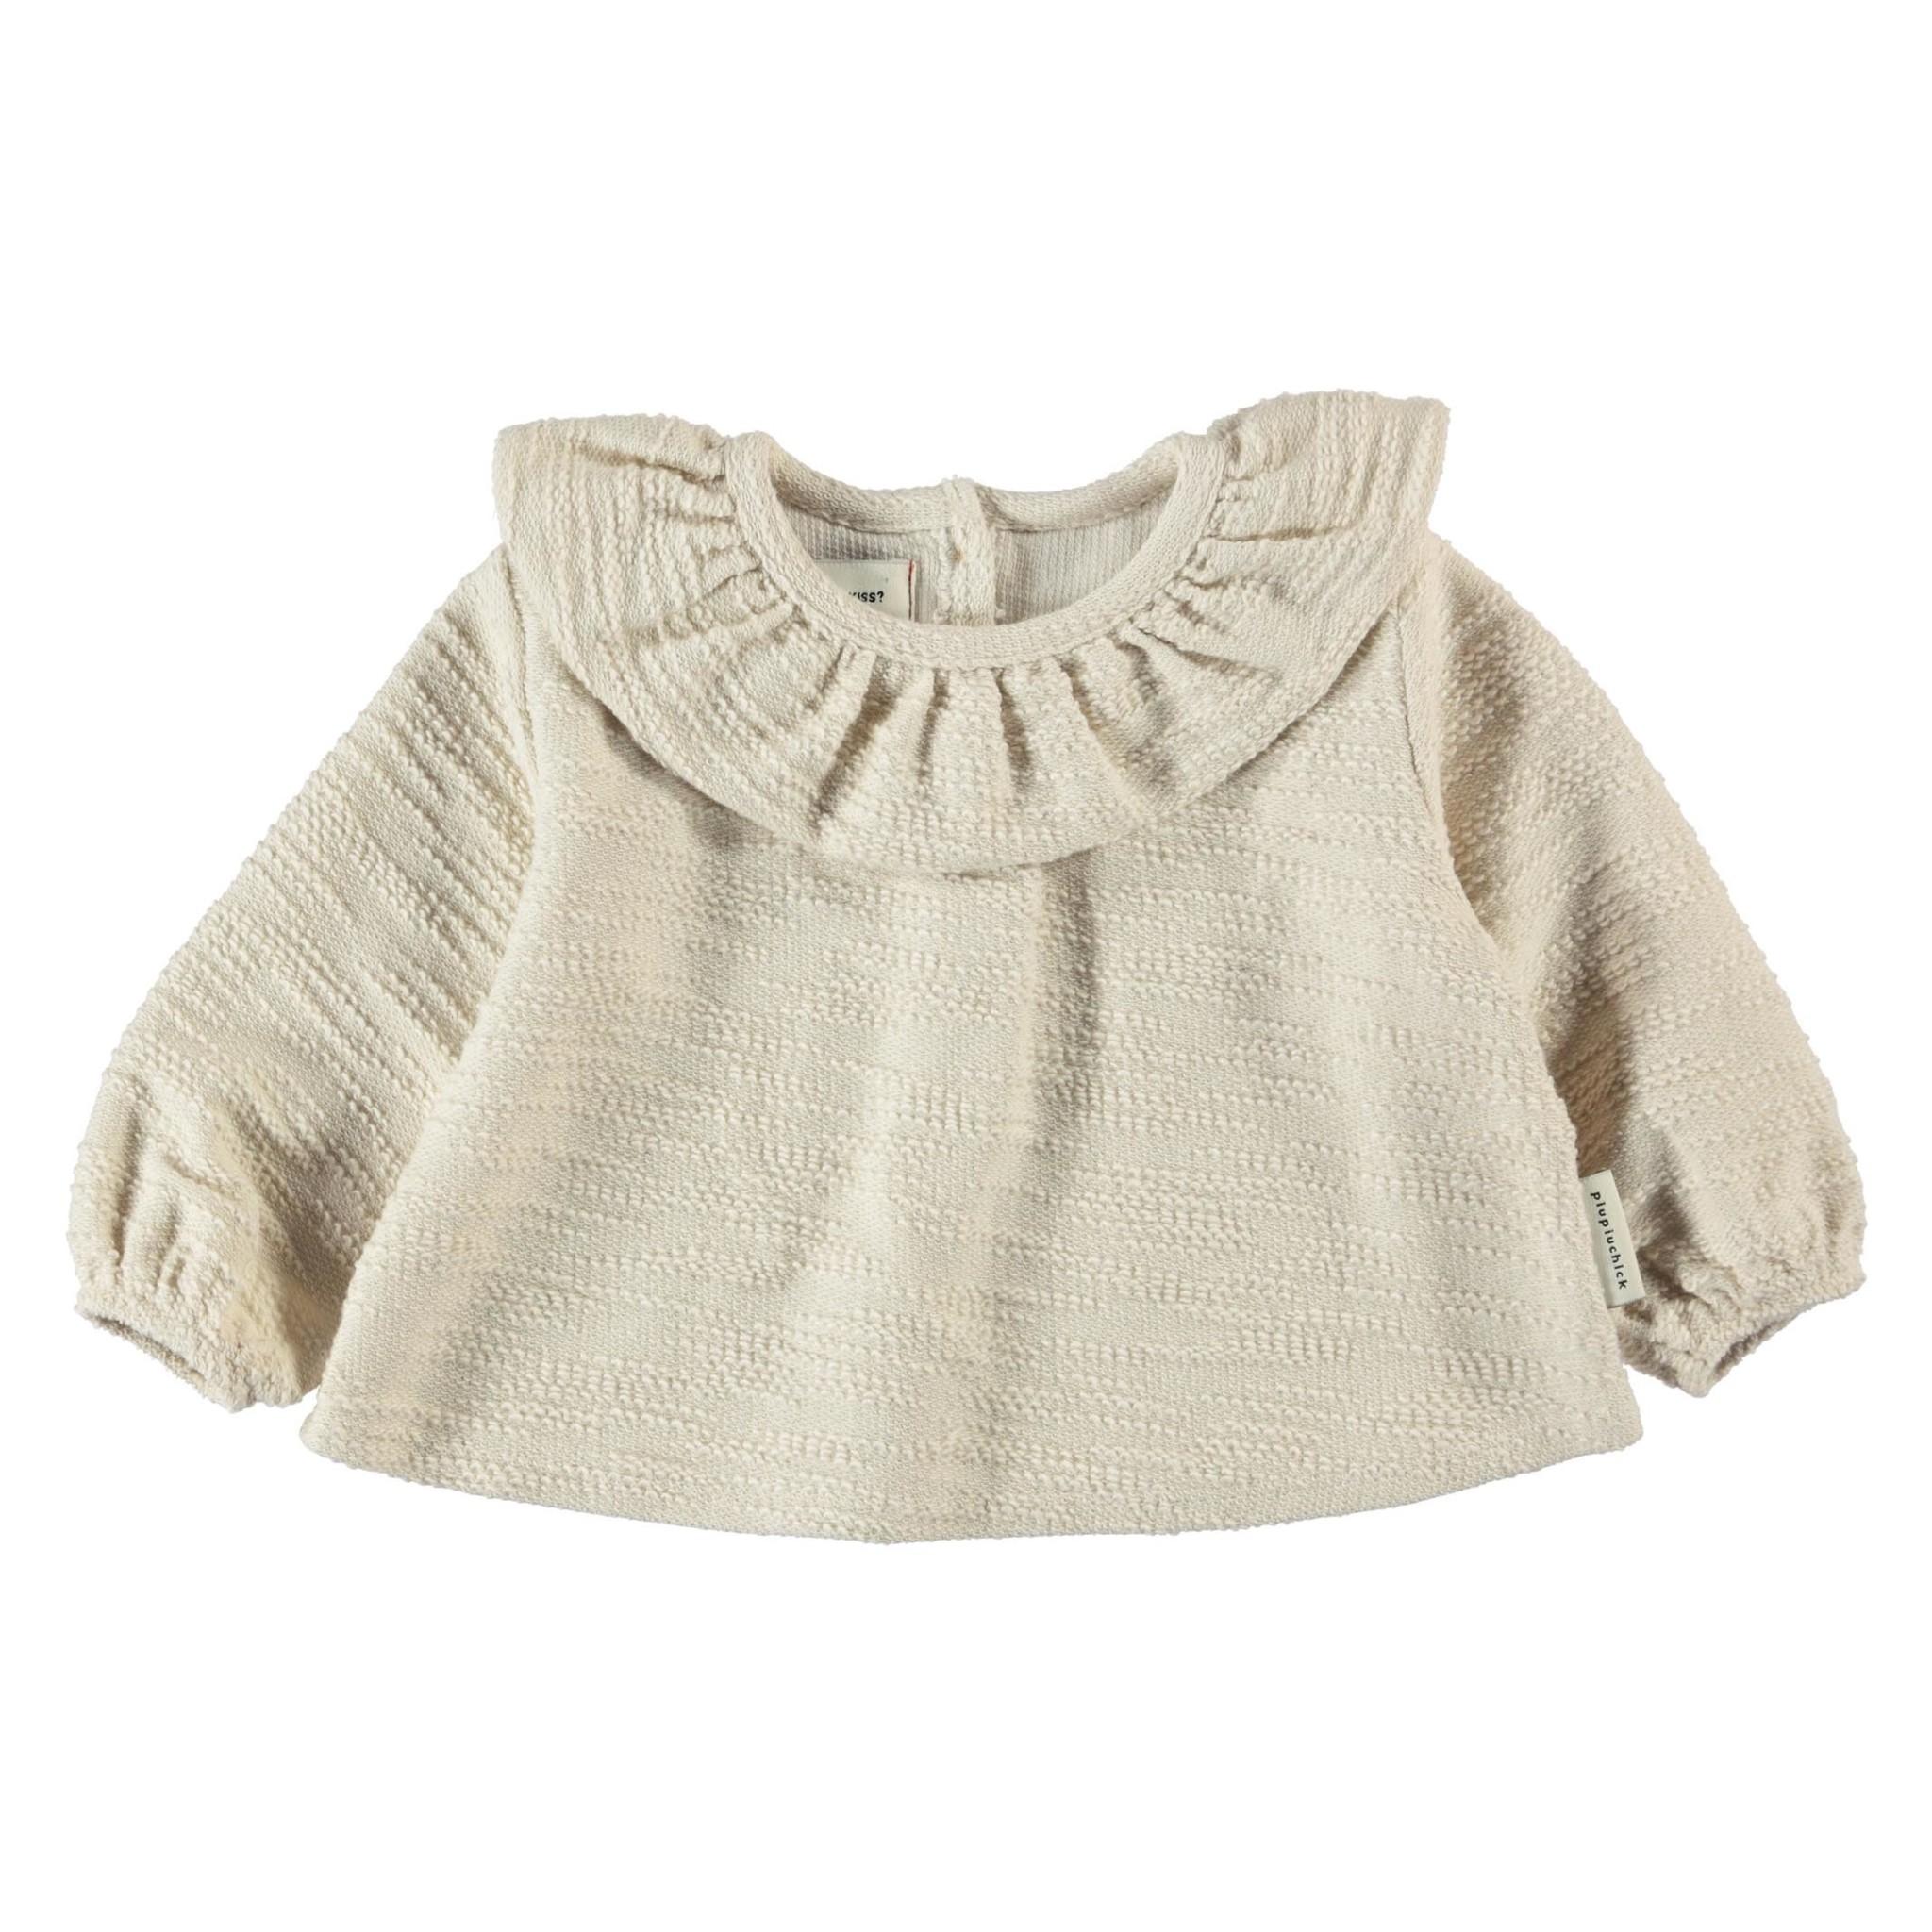 round collar blouse   ecru textured jersey-1